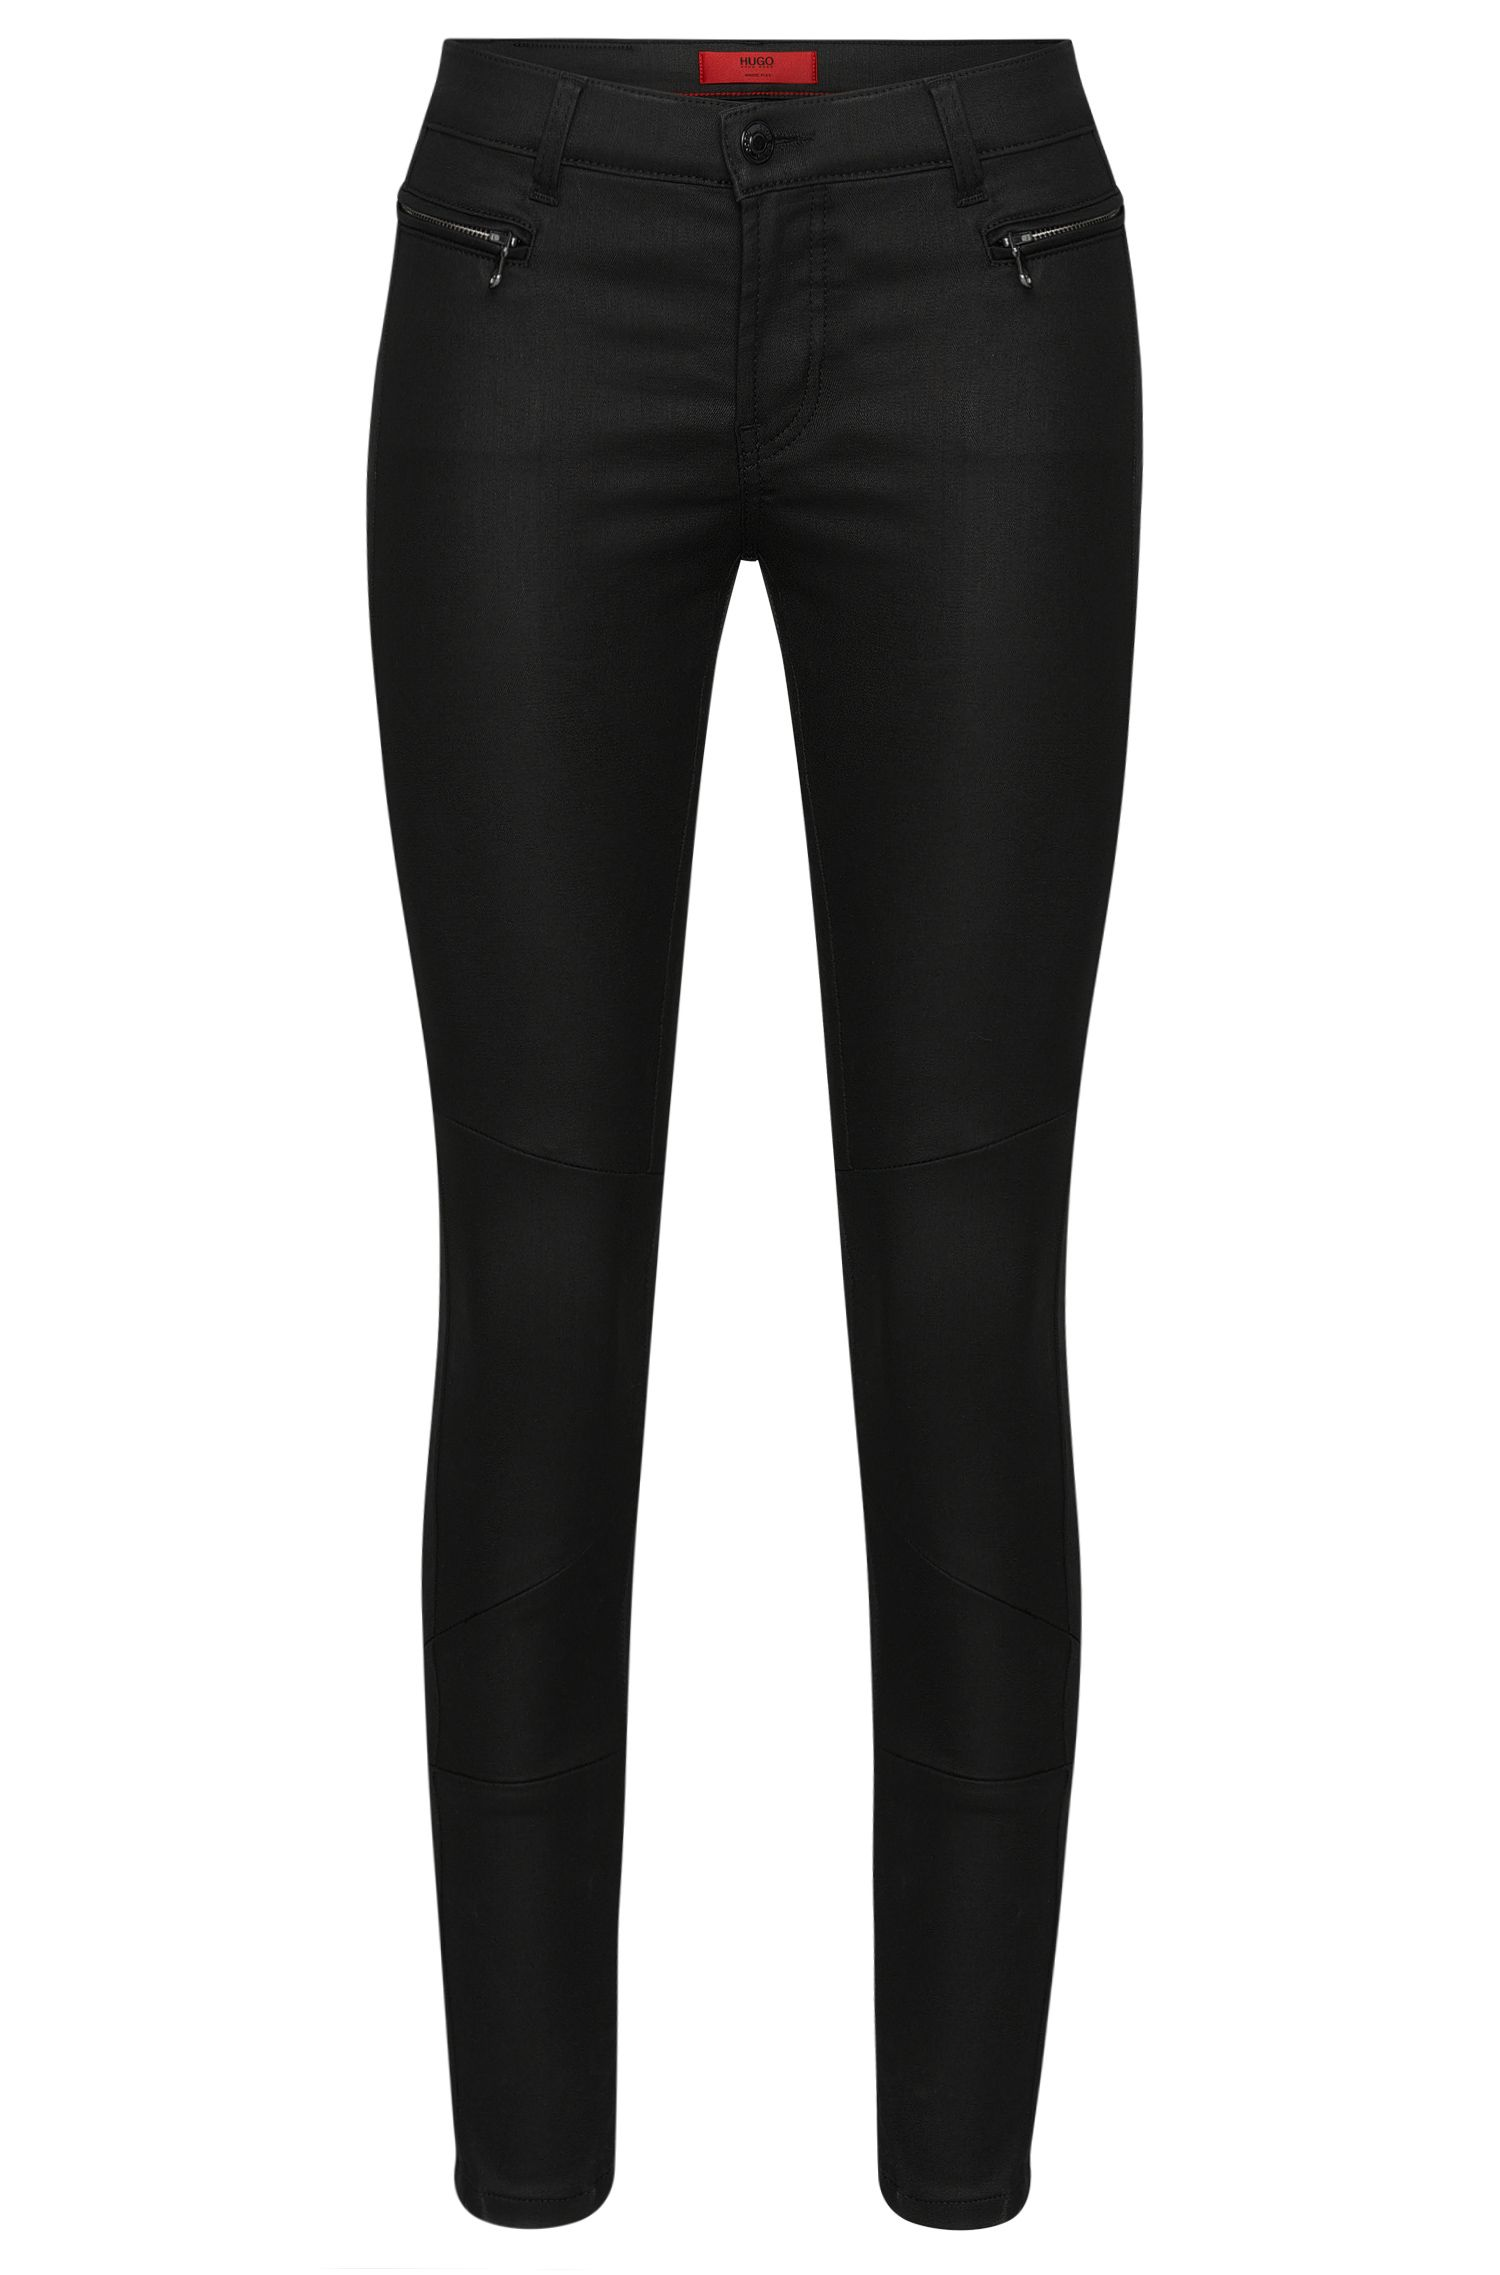 Jeans Skinny Fit en coton mélangé de style motard: «Gilljana/10»